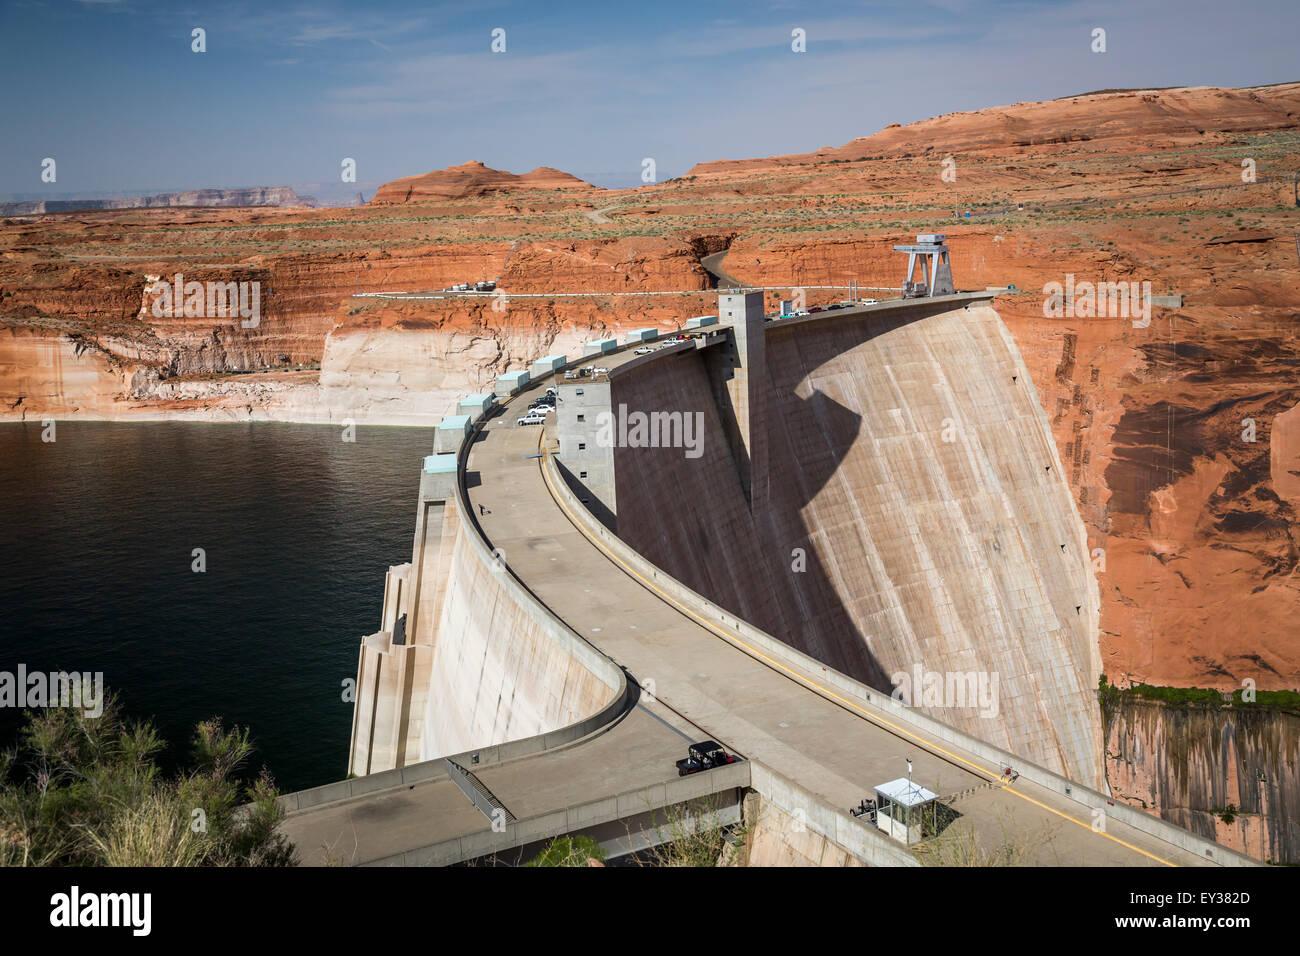 La Represa Glen Canyon en el río Colorado cerca de Page, Arizona, EE.UU.. Imagen De Stock